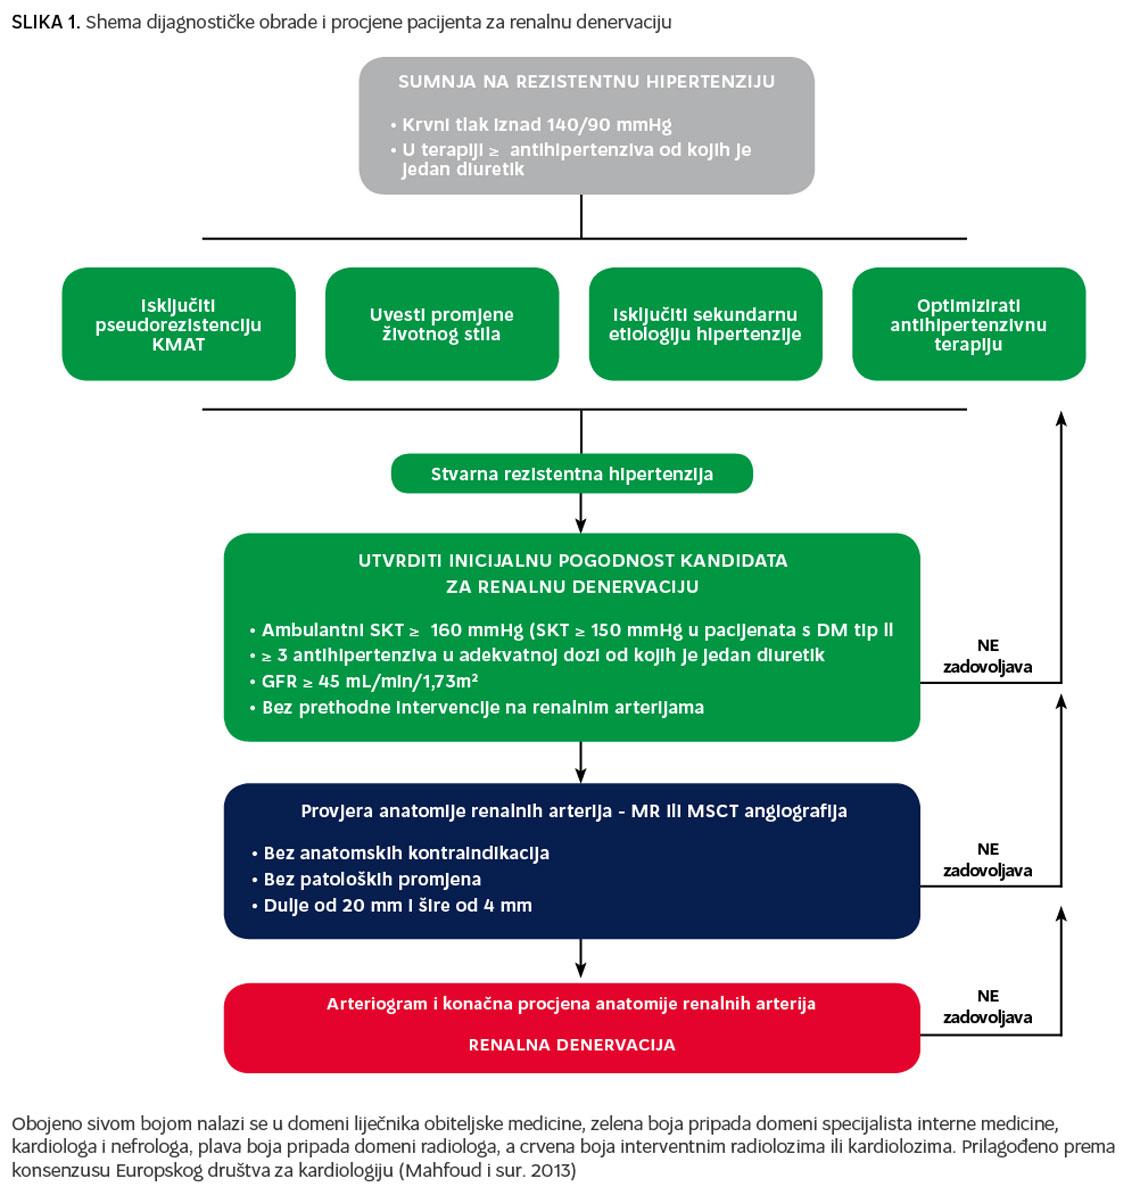 rizični čimbenici i uzroci hipertenzije